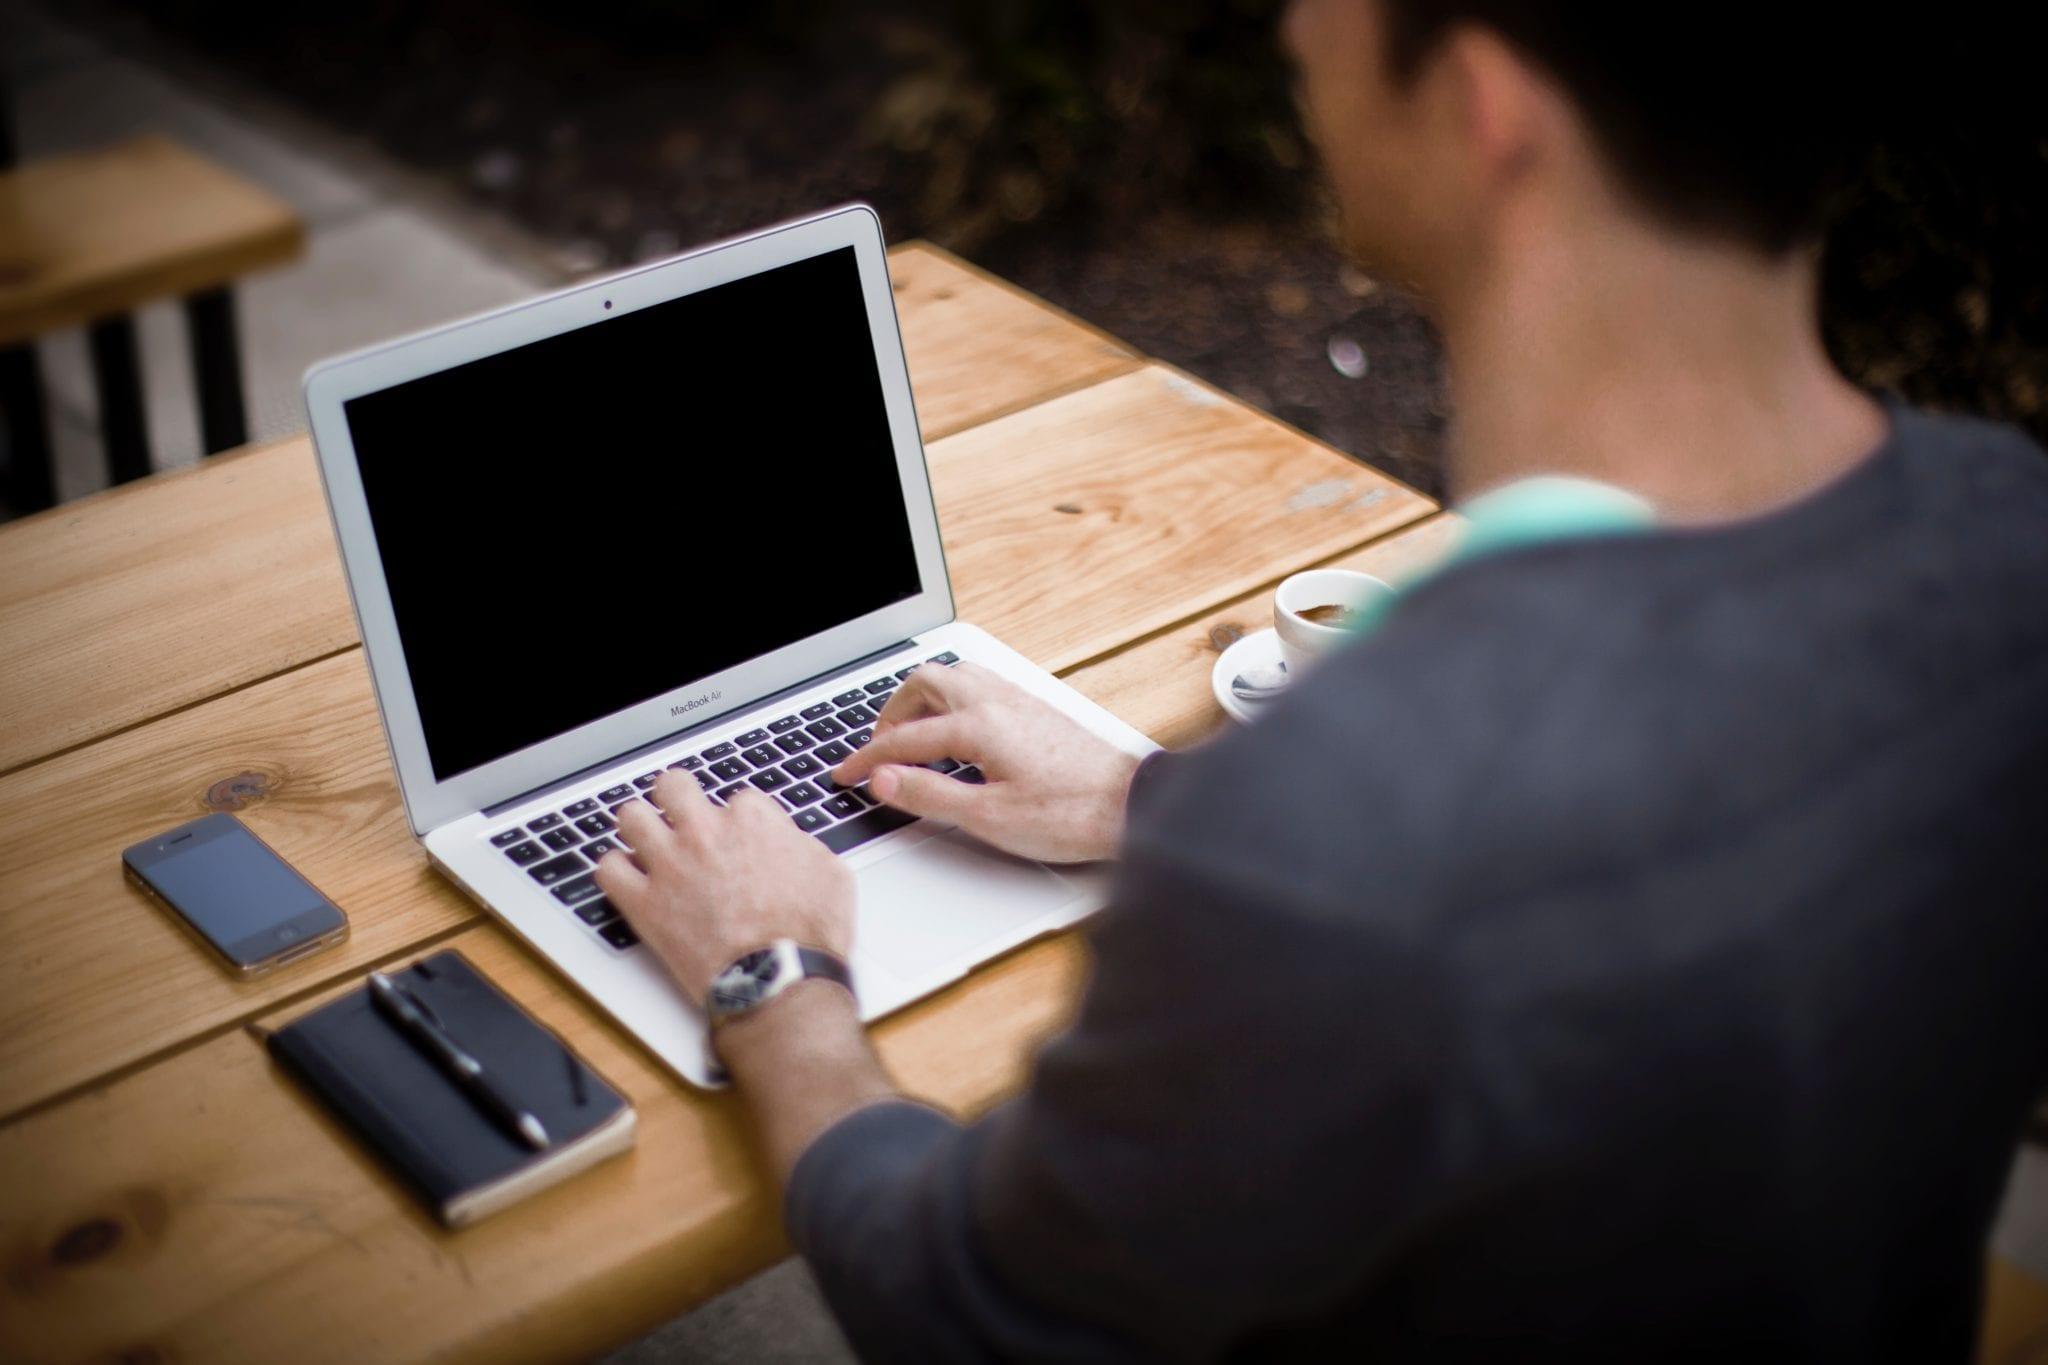 SEO aneb 4 největší mýty v oblasti optimalizace pro vyhledávače